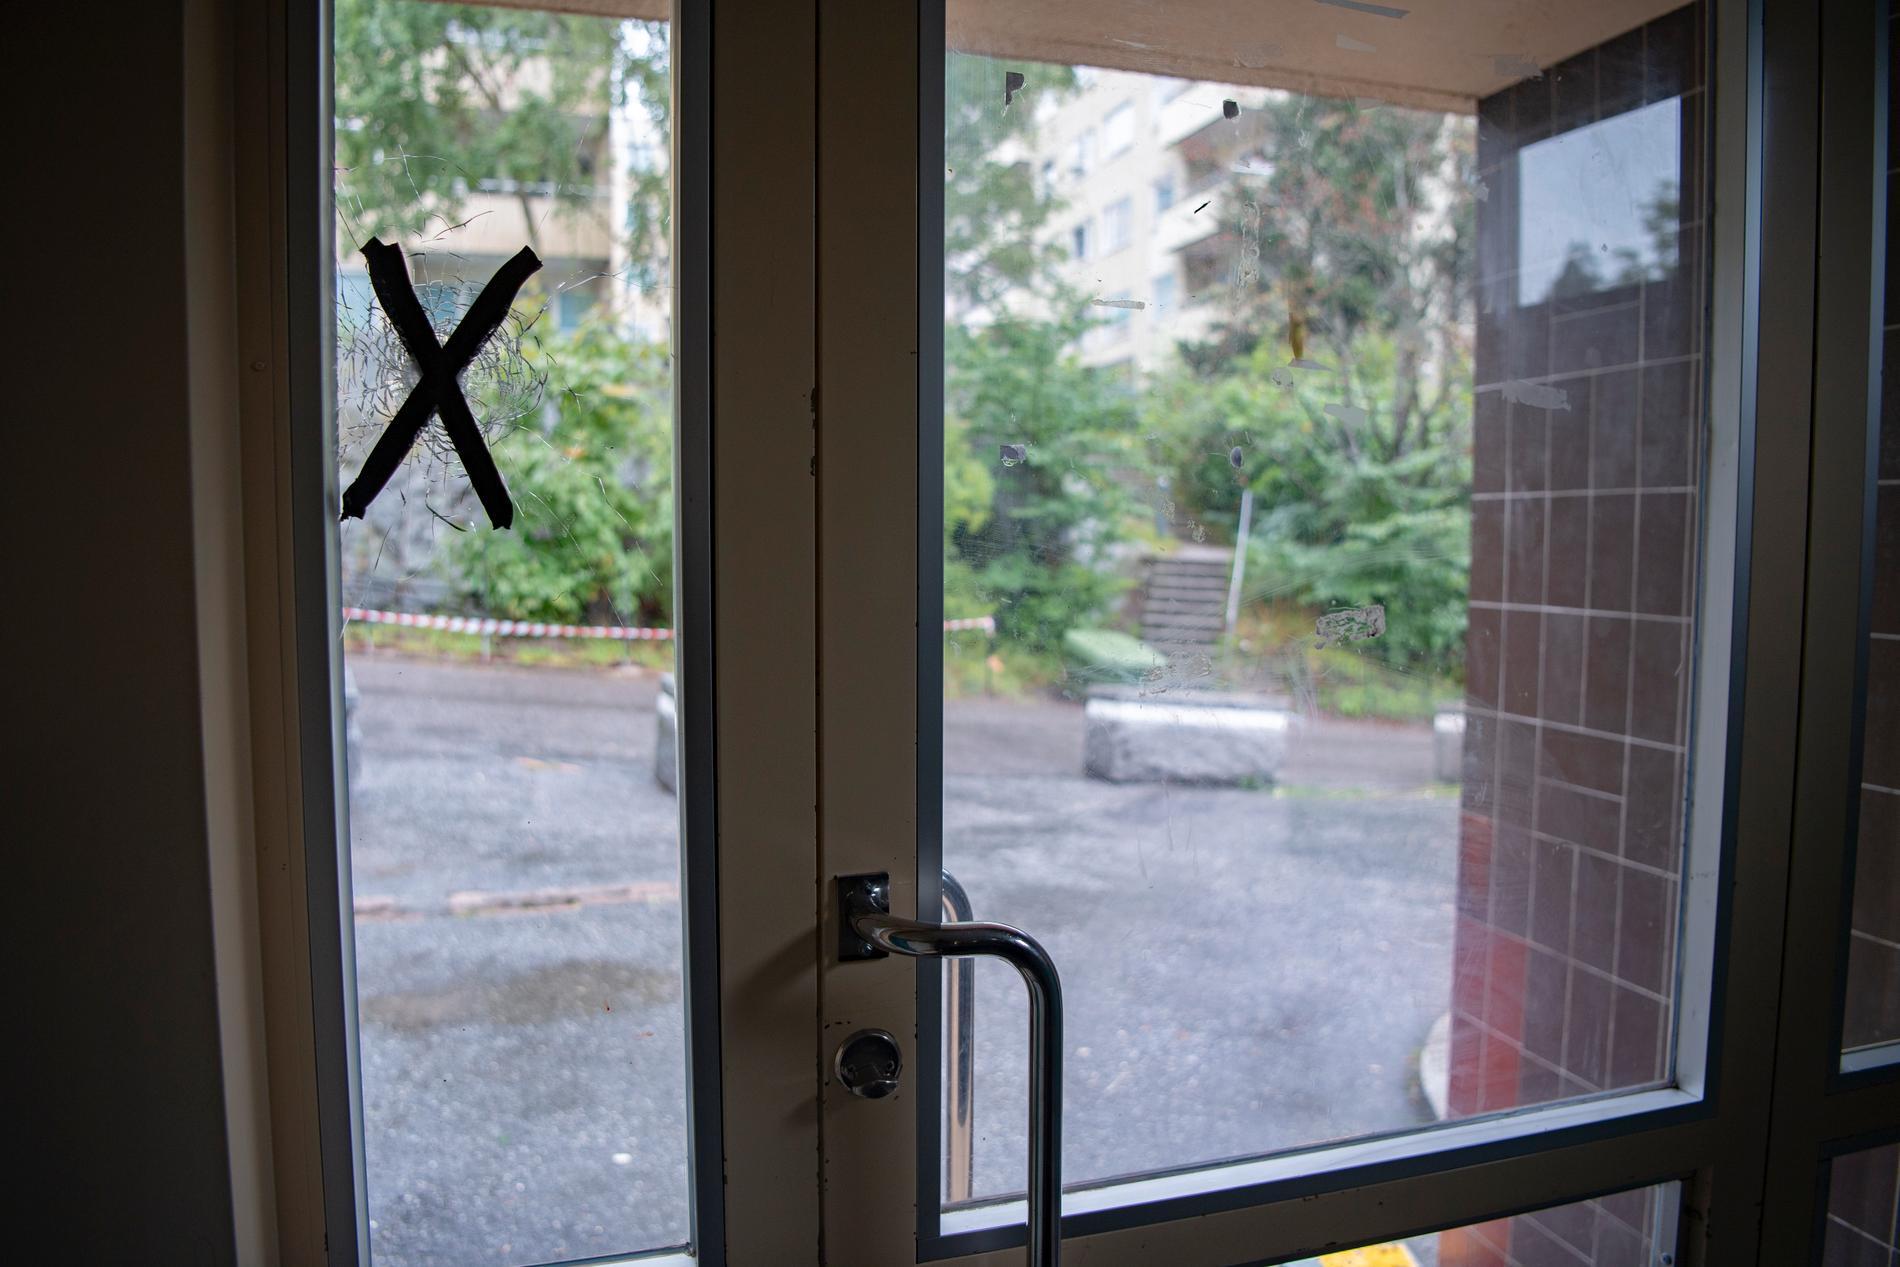 Man har tejpat där kulan träffat fönstret i dörren.